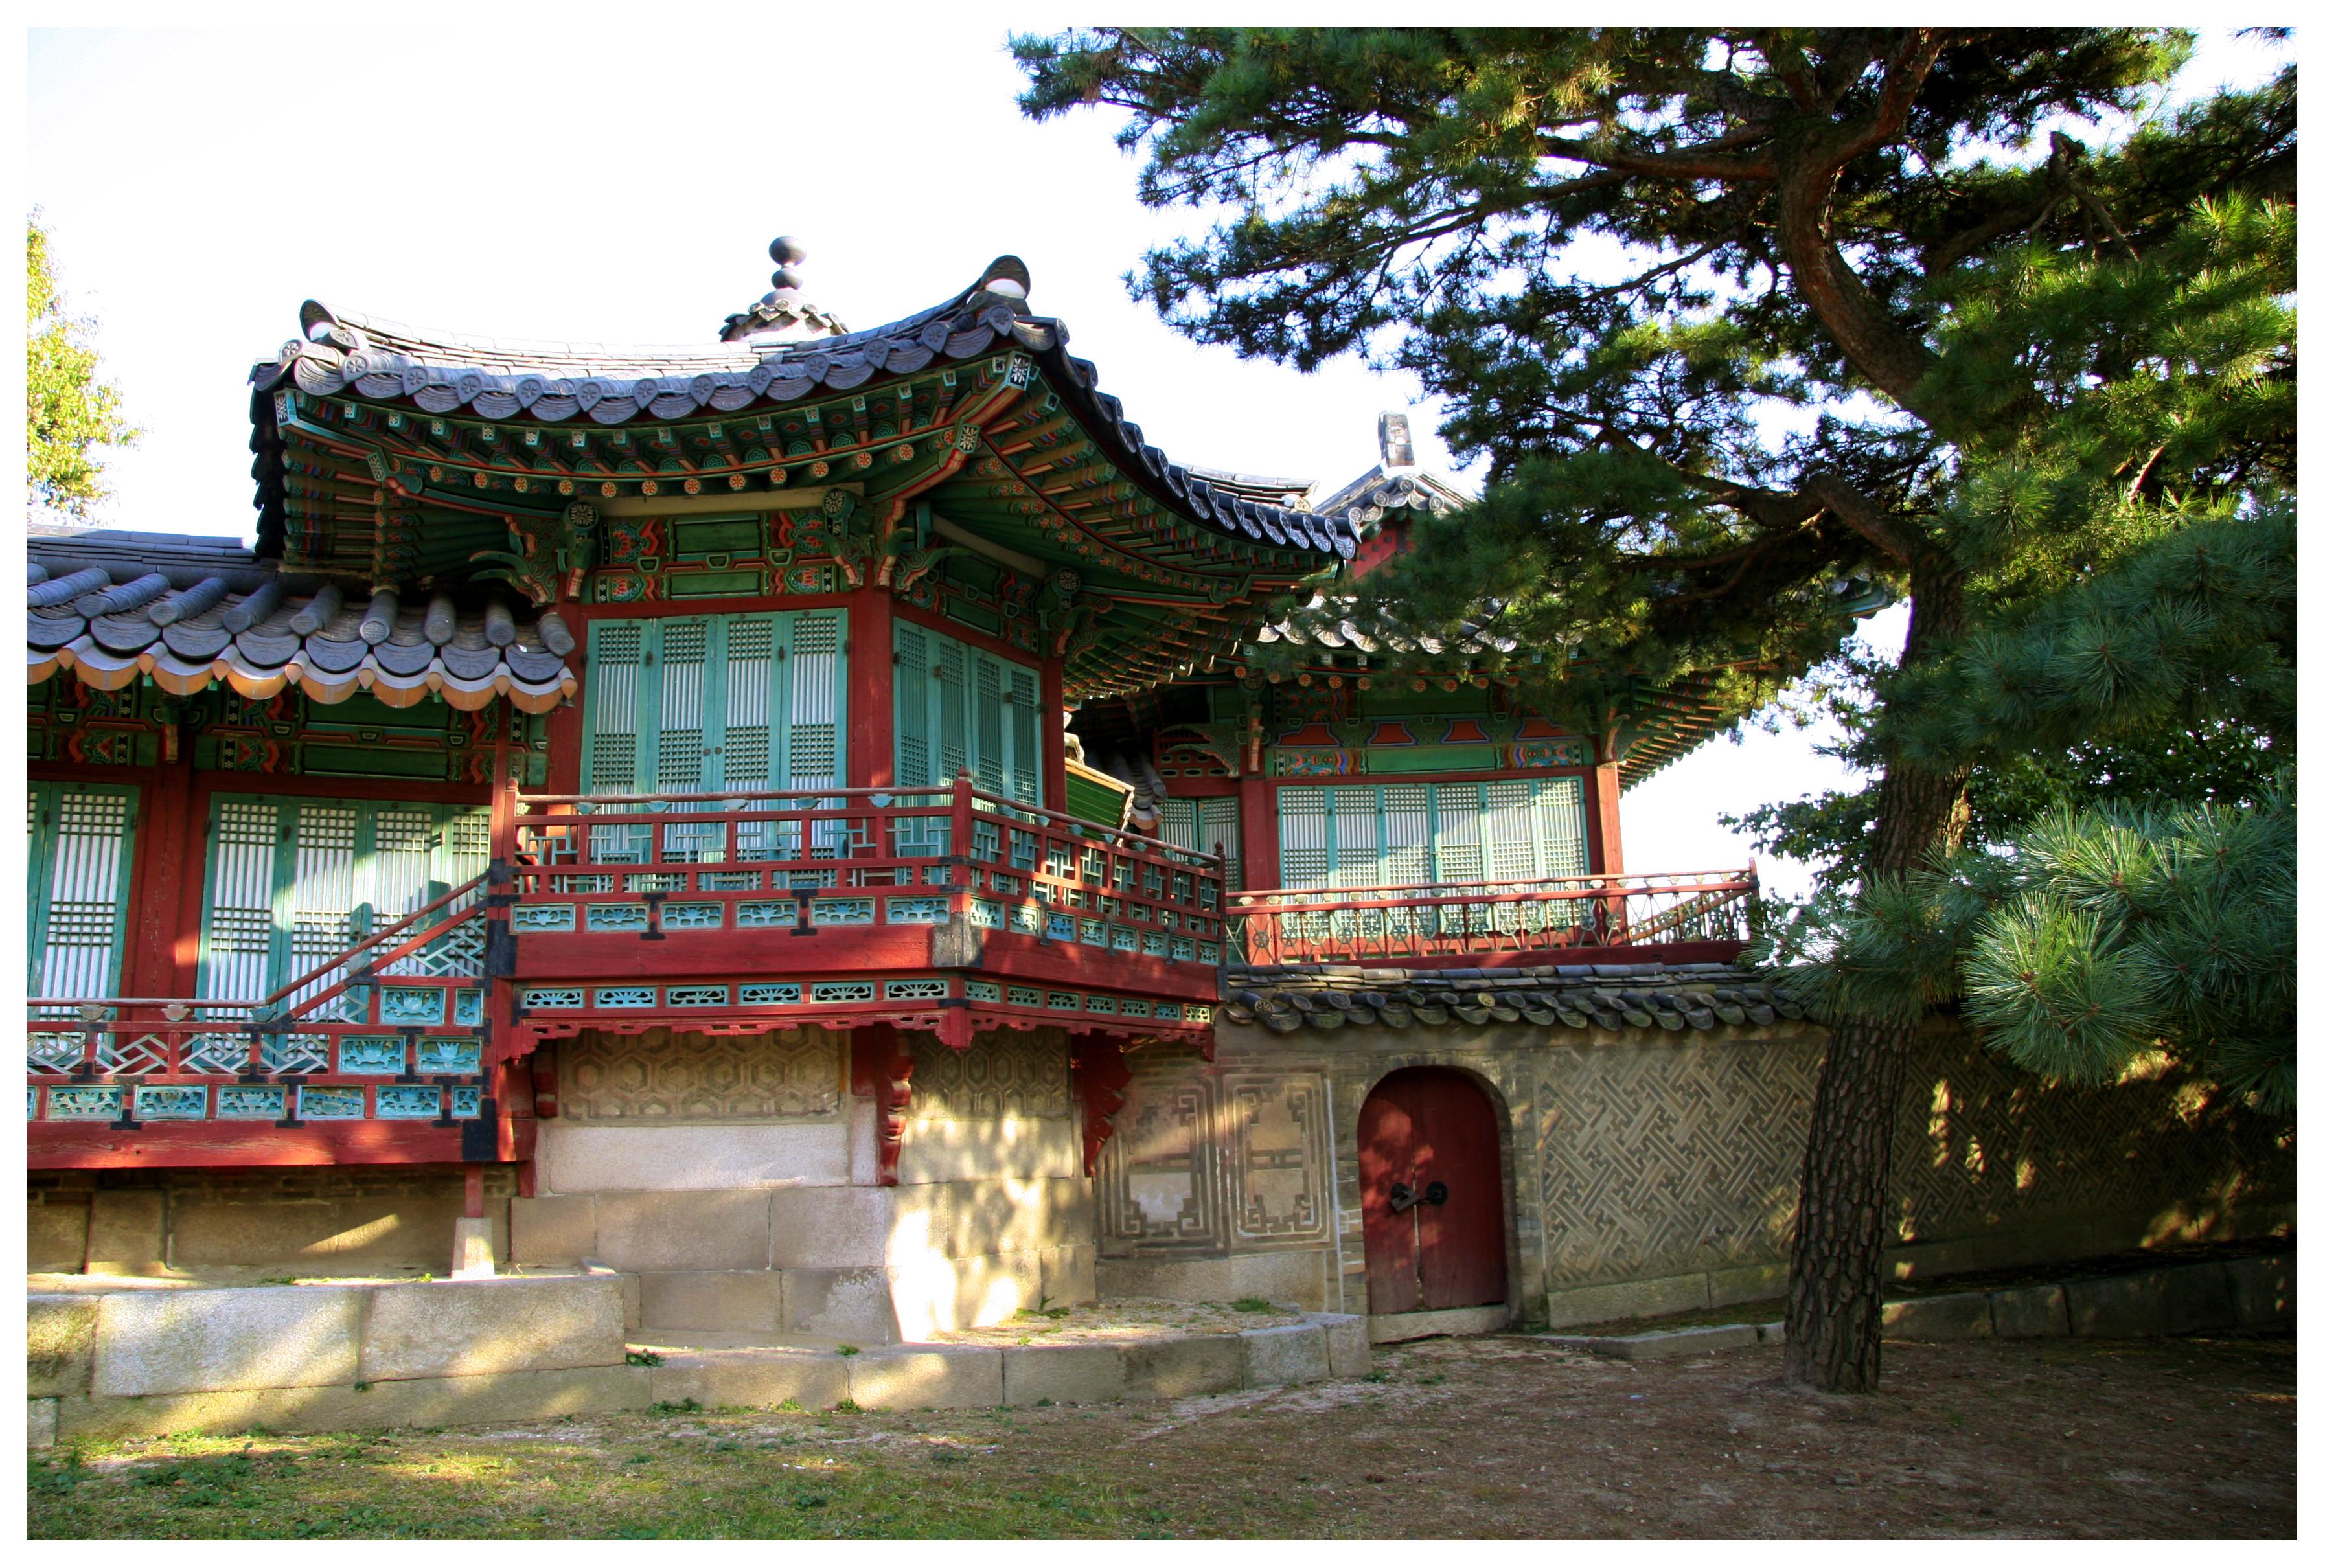 Changdeokgung Palace, Korea